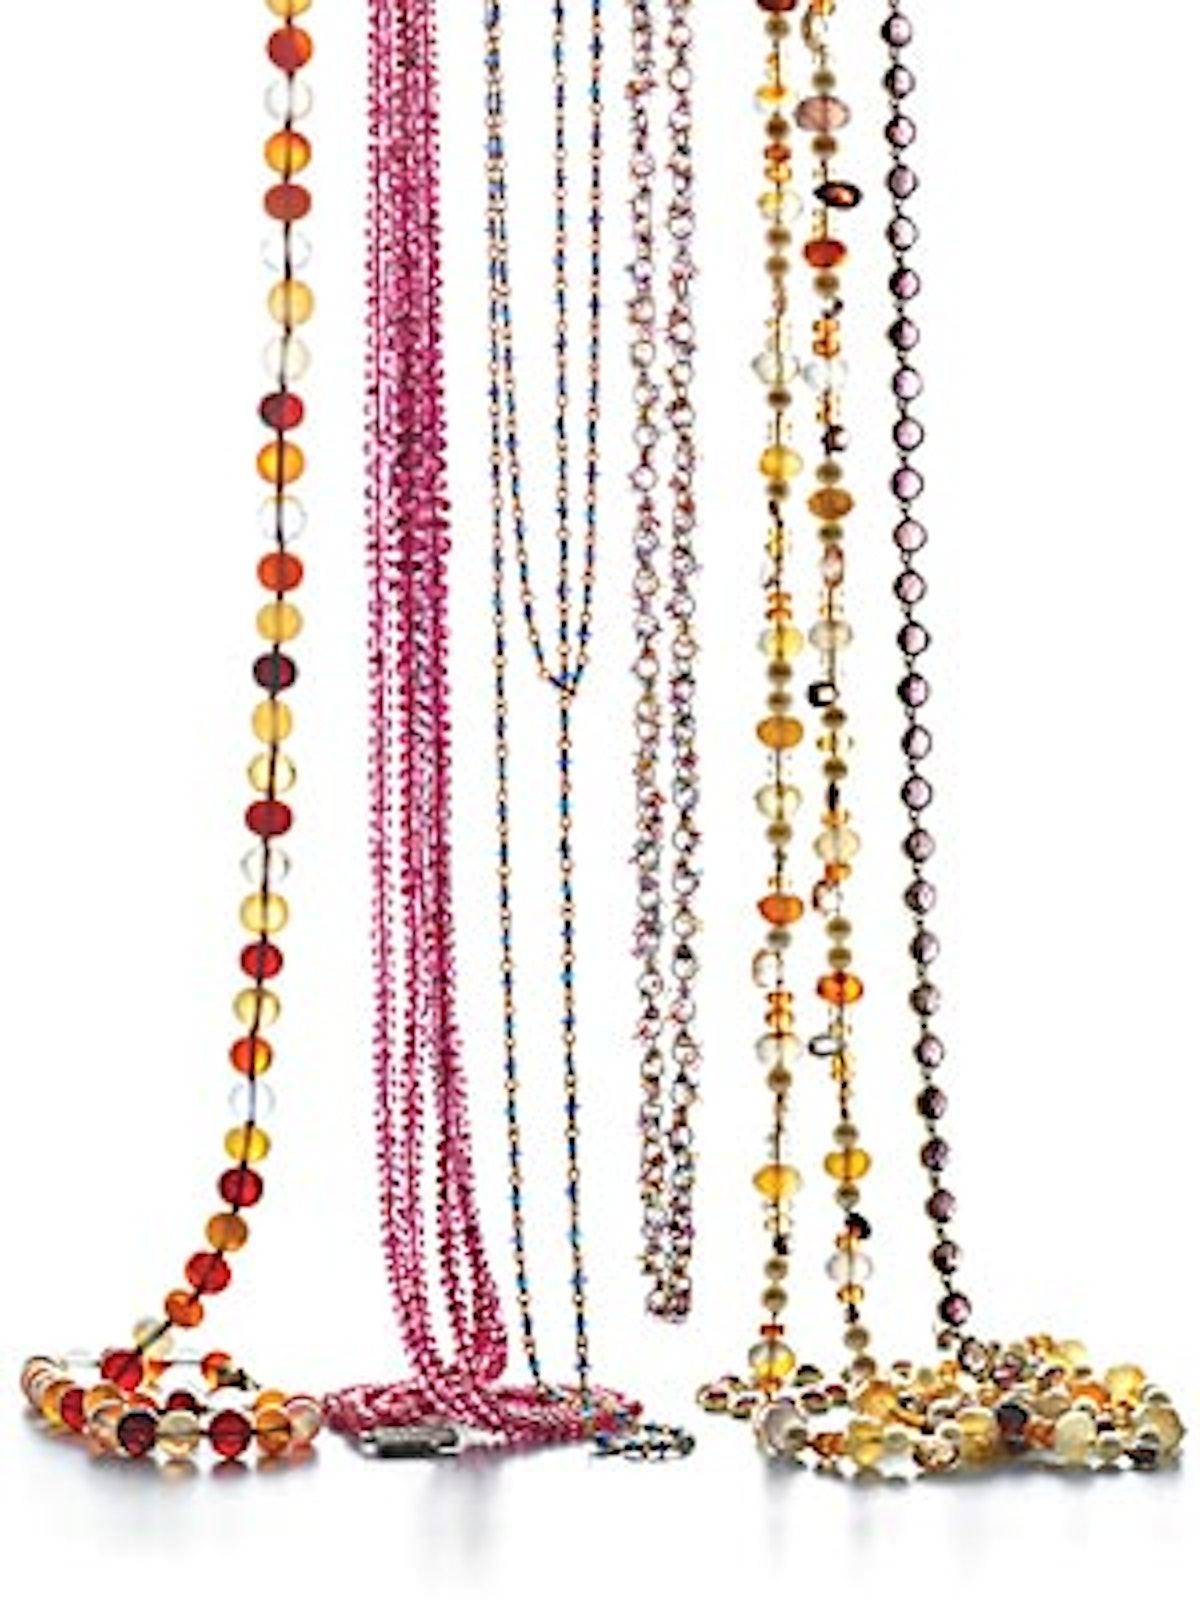 jear_necklaces_v.jpg